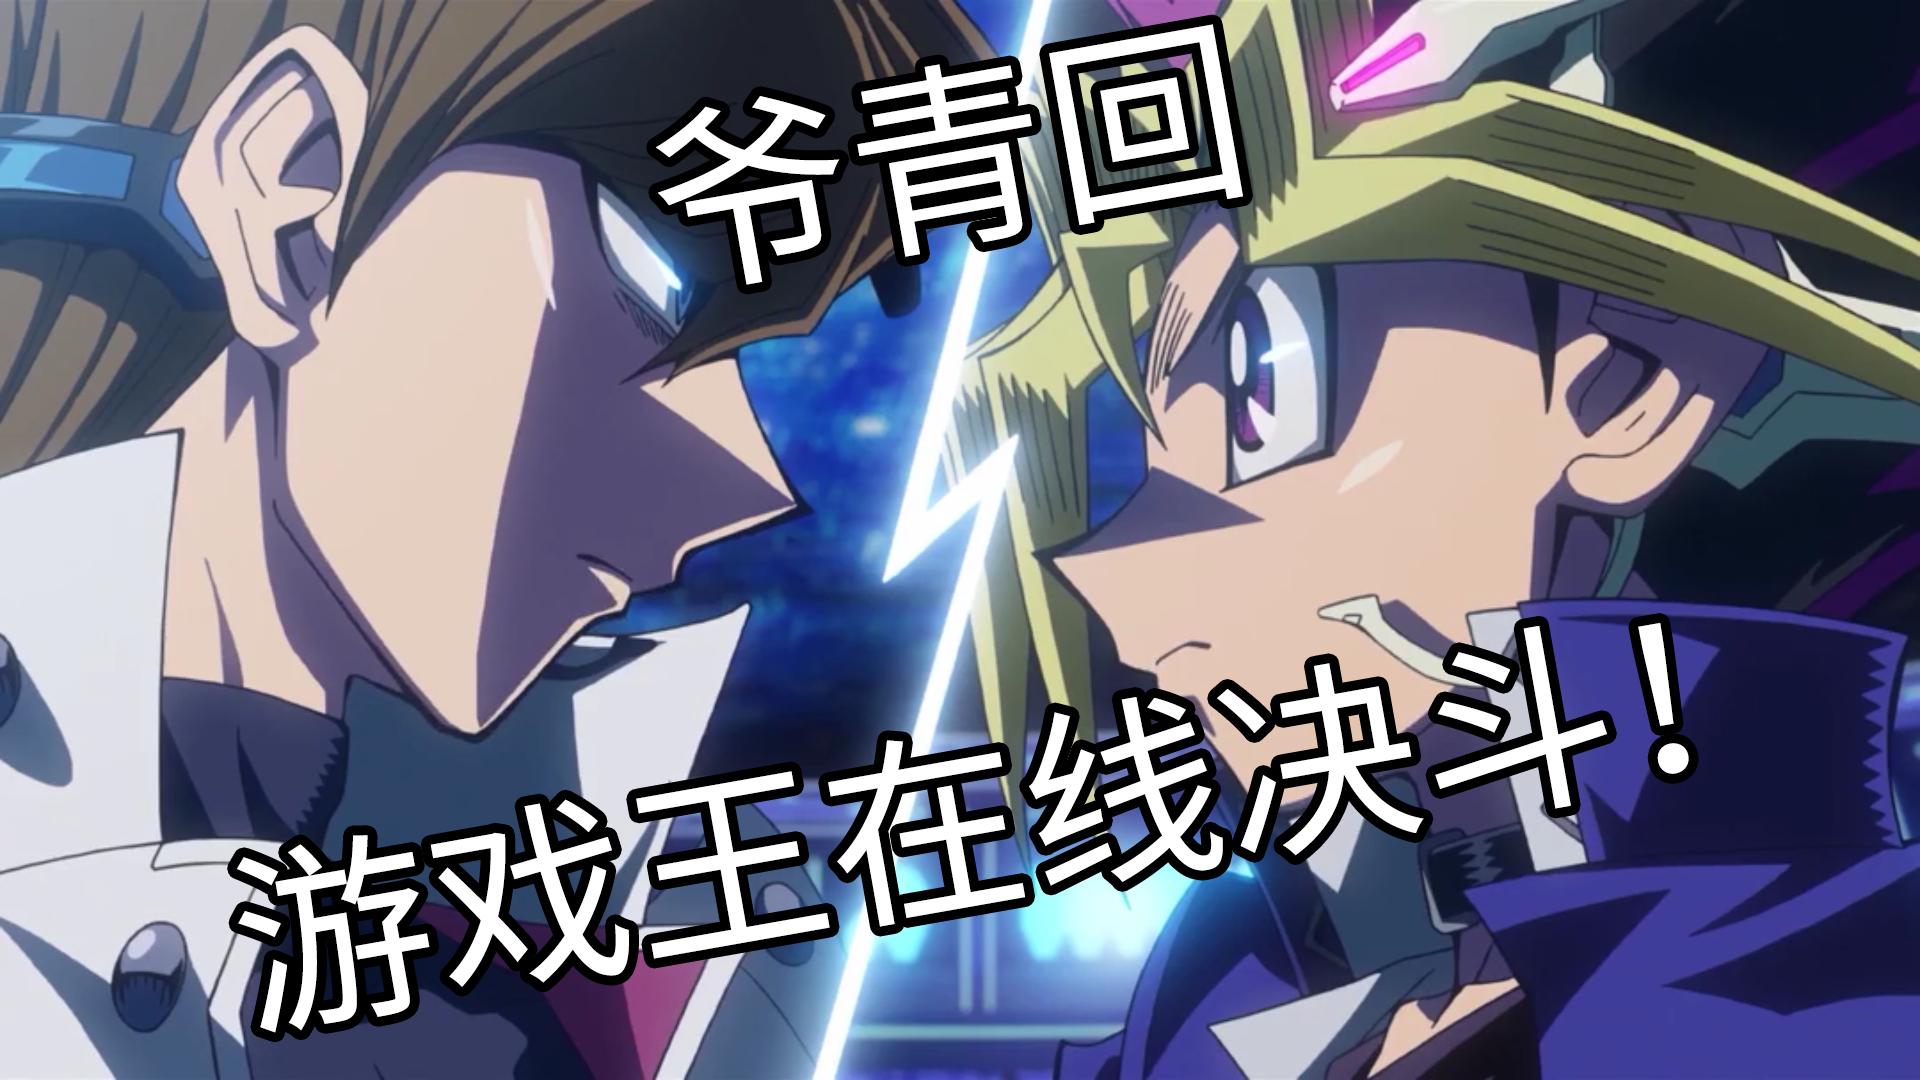 【爷青回】第三届汉☆诺☆杯前四期环境赛直播录像